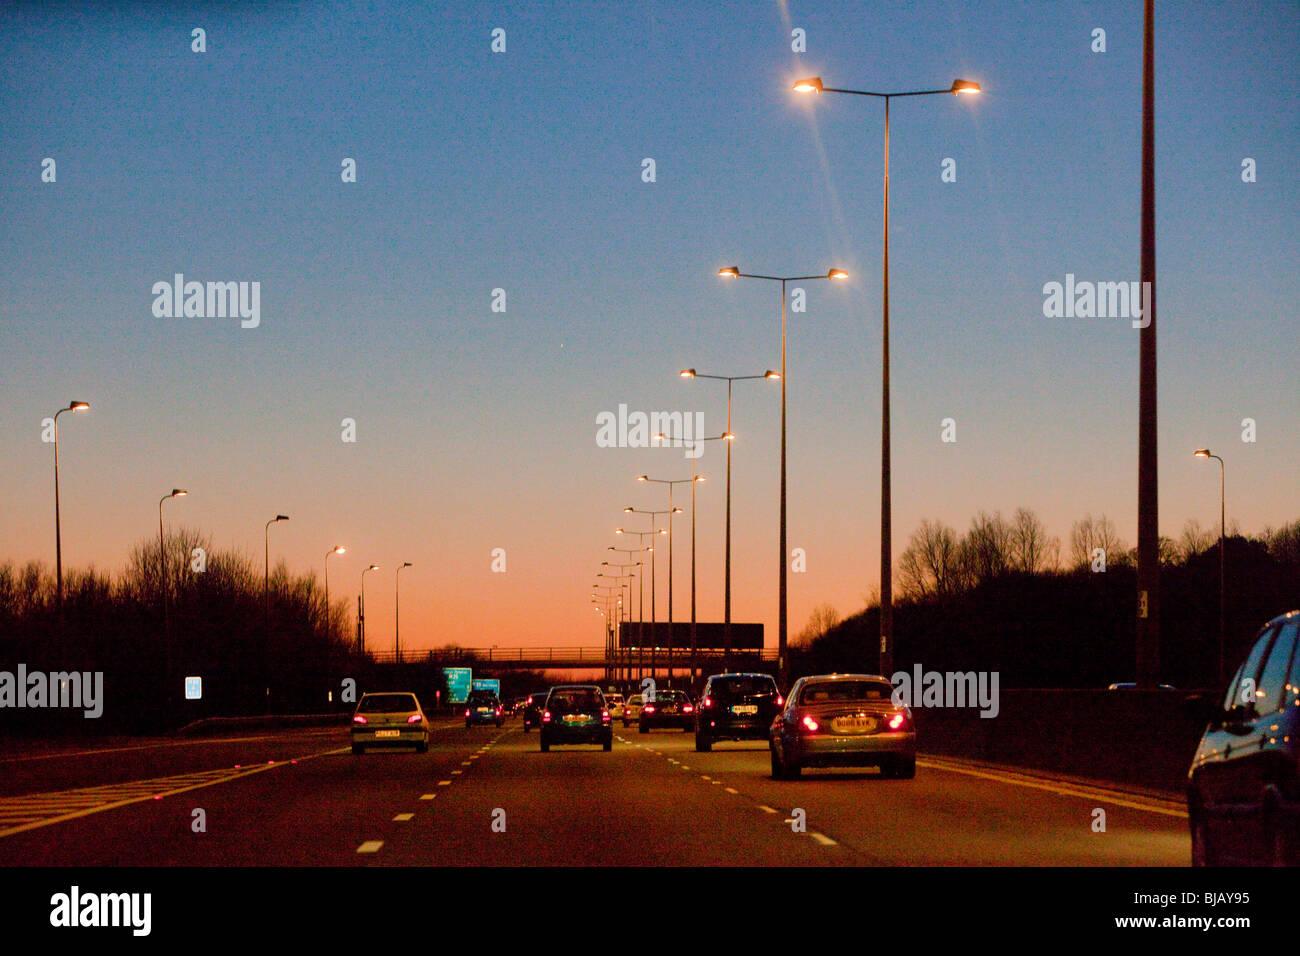 M25 motorway traffic at dusk - Stock Image